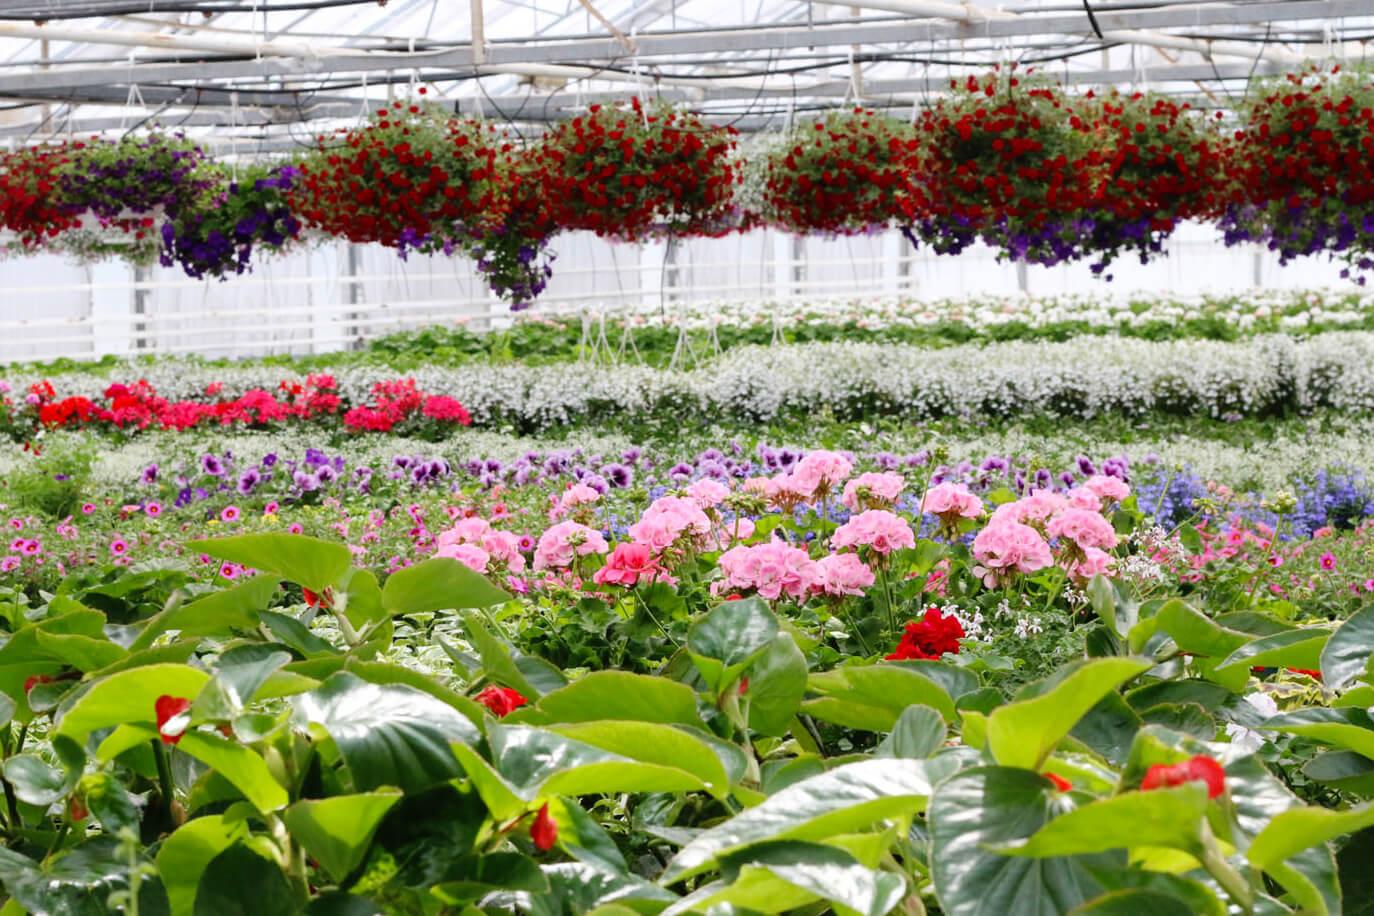 Ett välfyllt växthus på Sollidens handelsträdgård. Amplar med petunior hänger i taket, på borden står pelargoner och petunior och växer till sig.